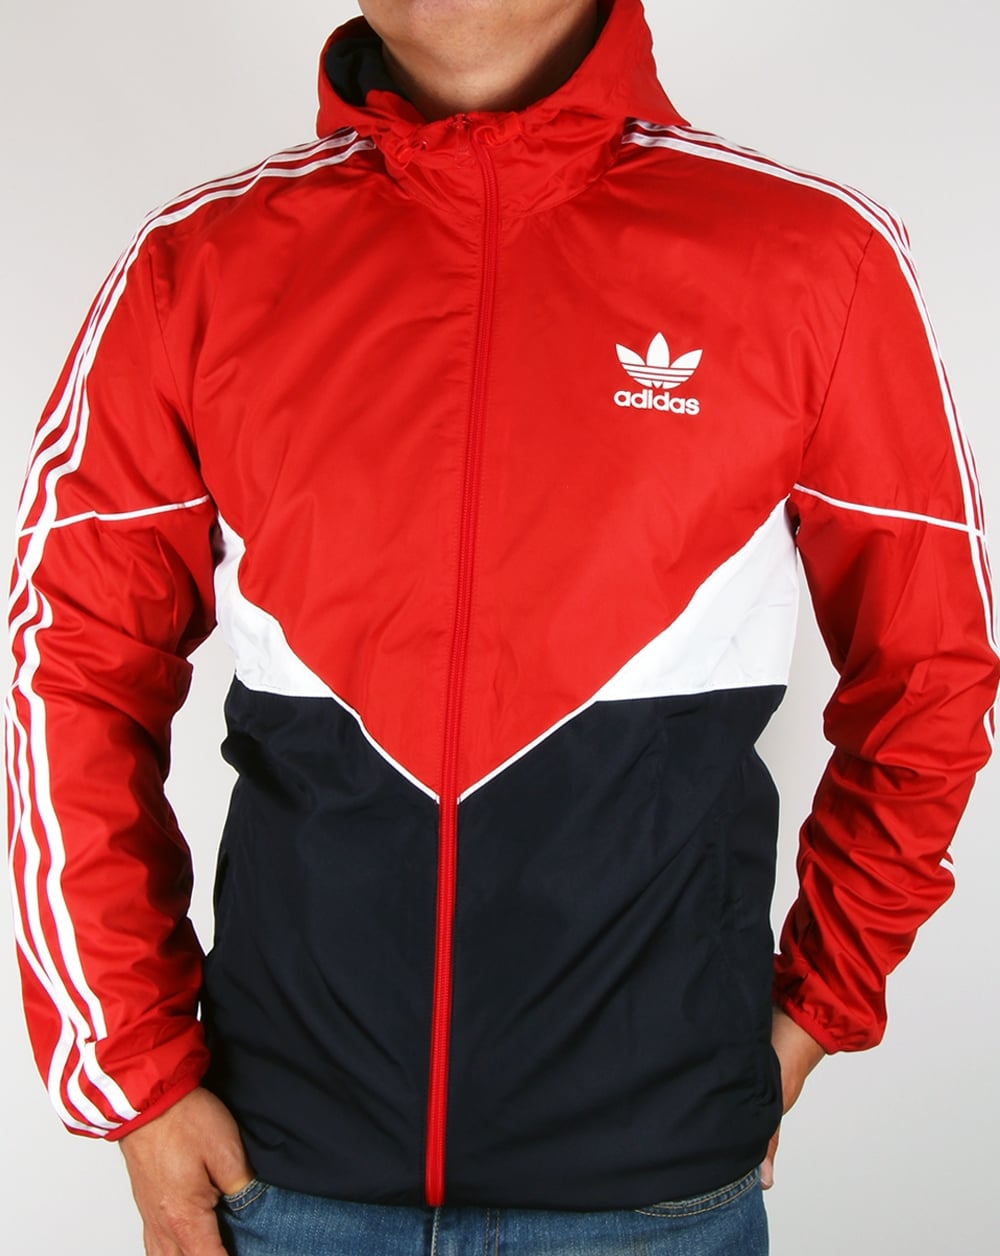 Adidas Originals Colorado Windbreaker Red Navy Jacket Coat